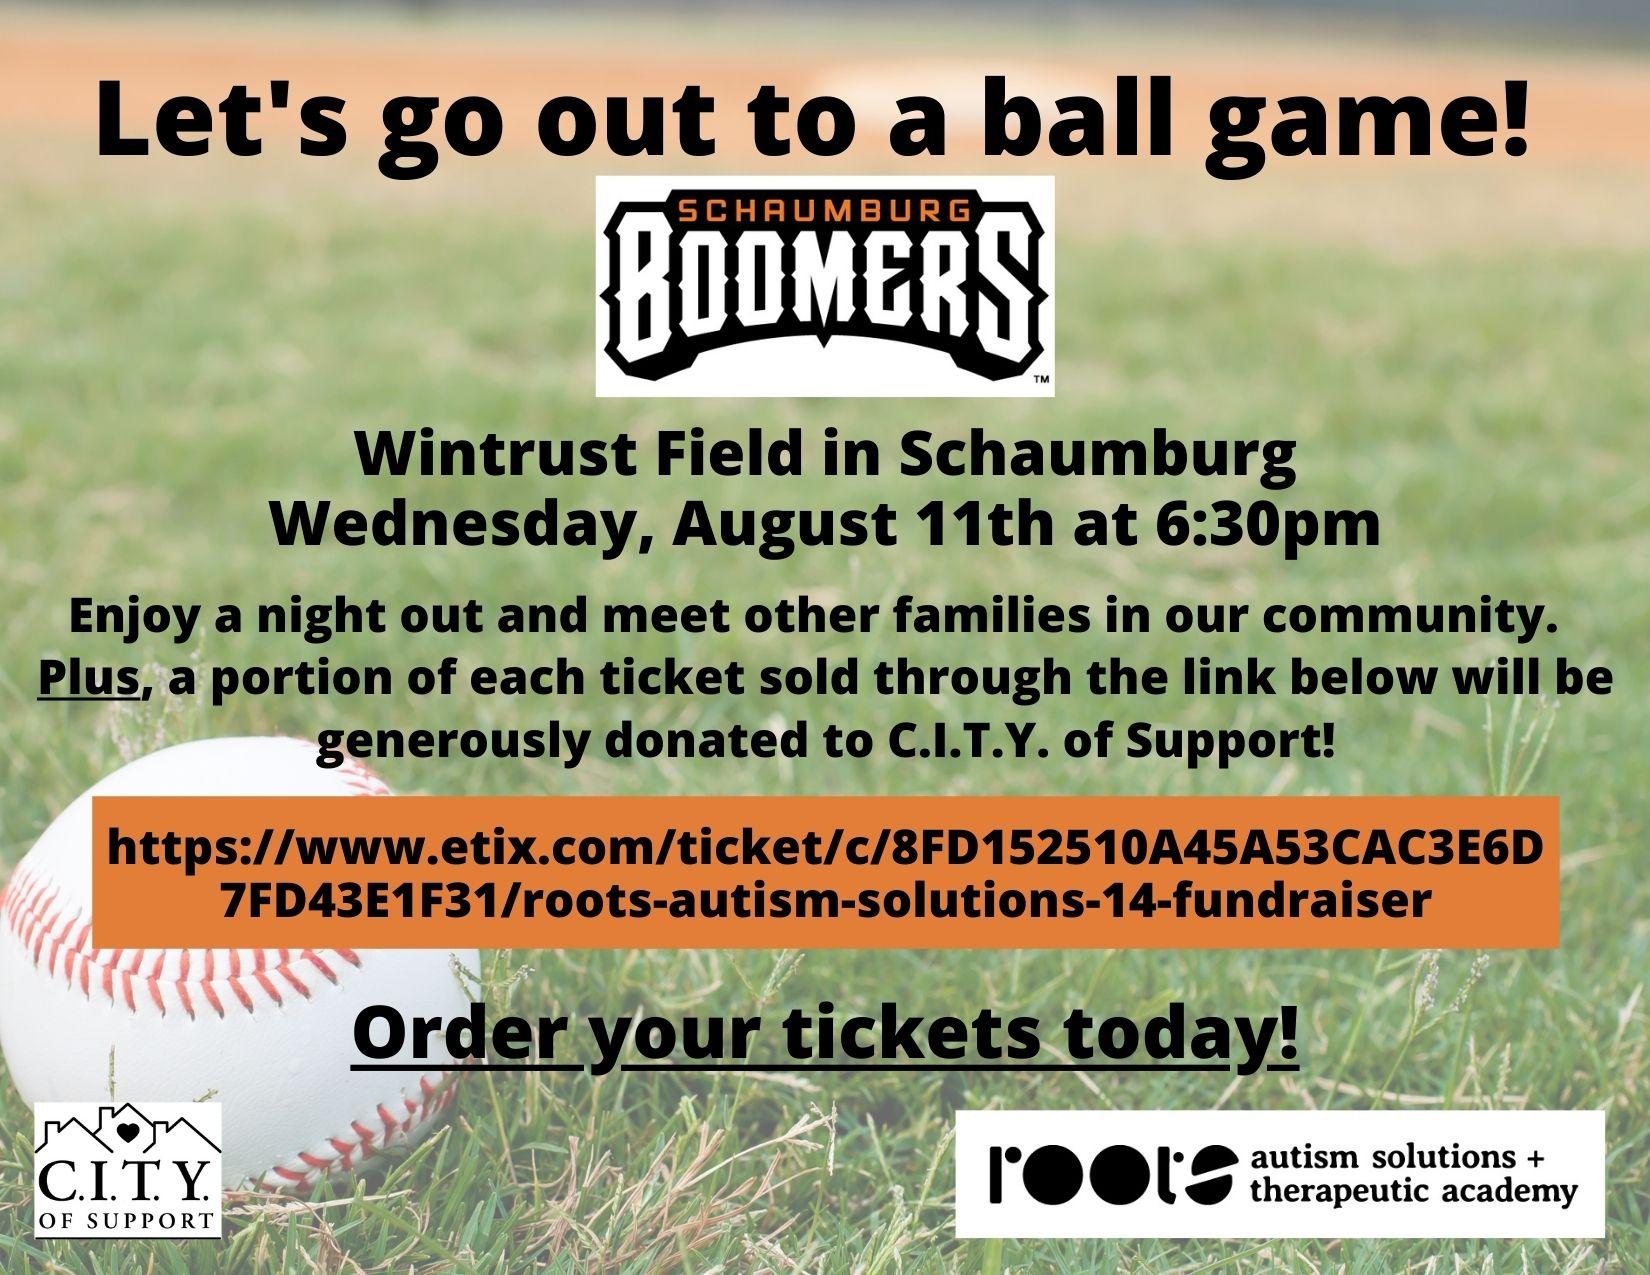 Schaumburg Boomers Baseball Game